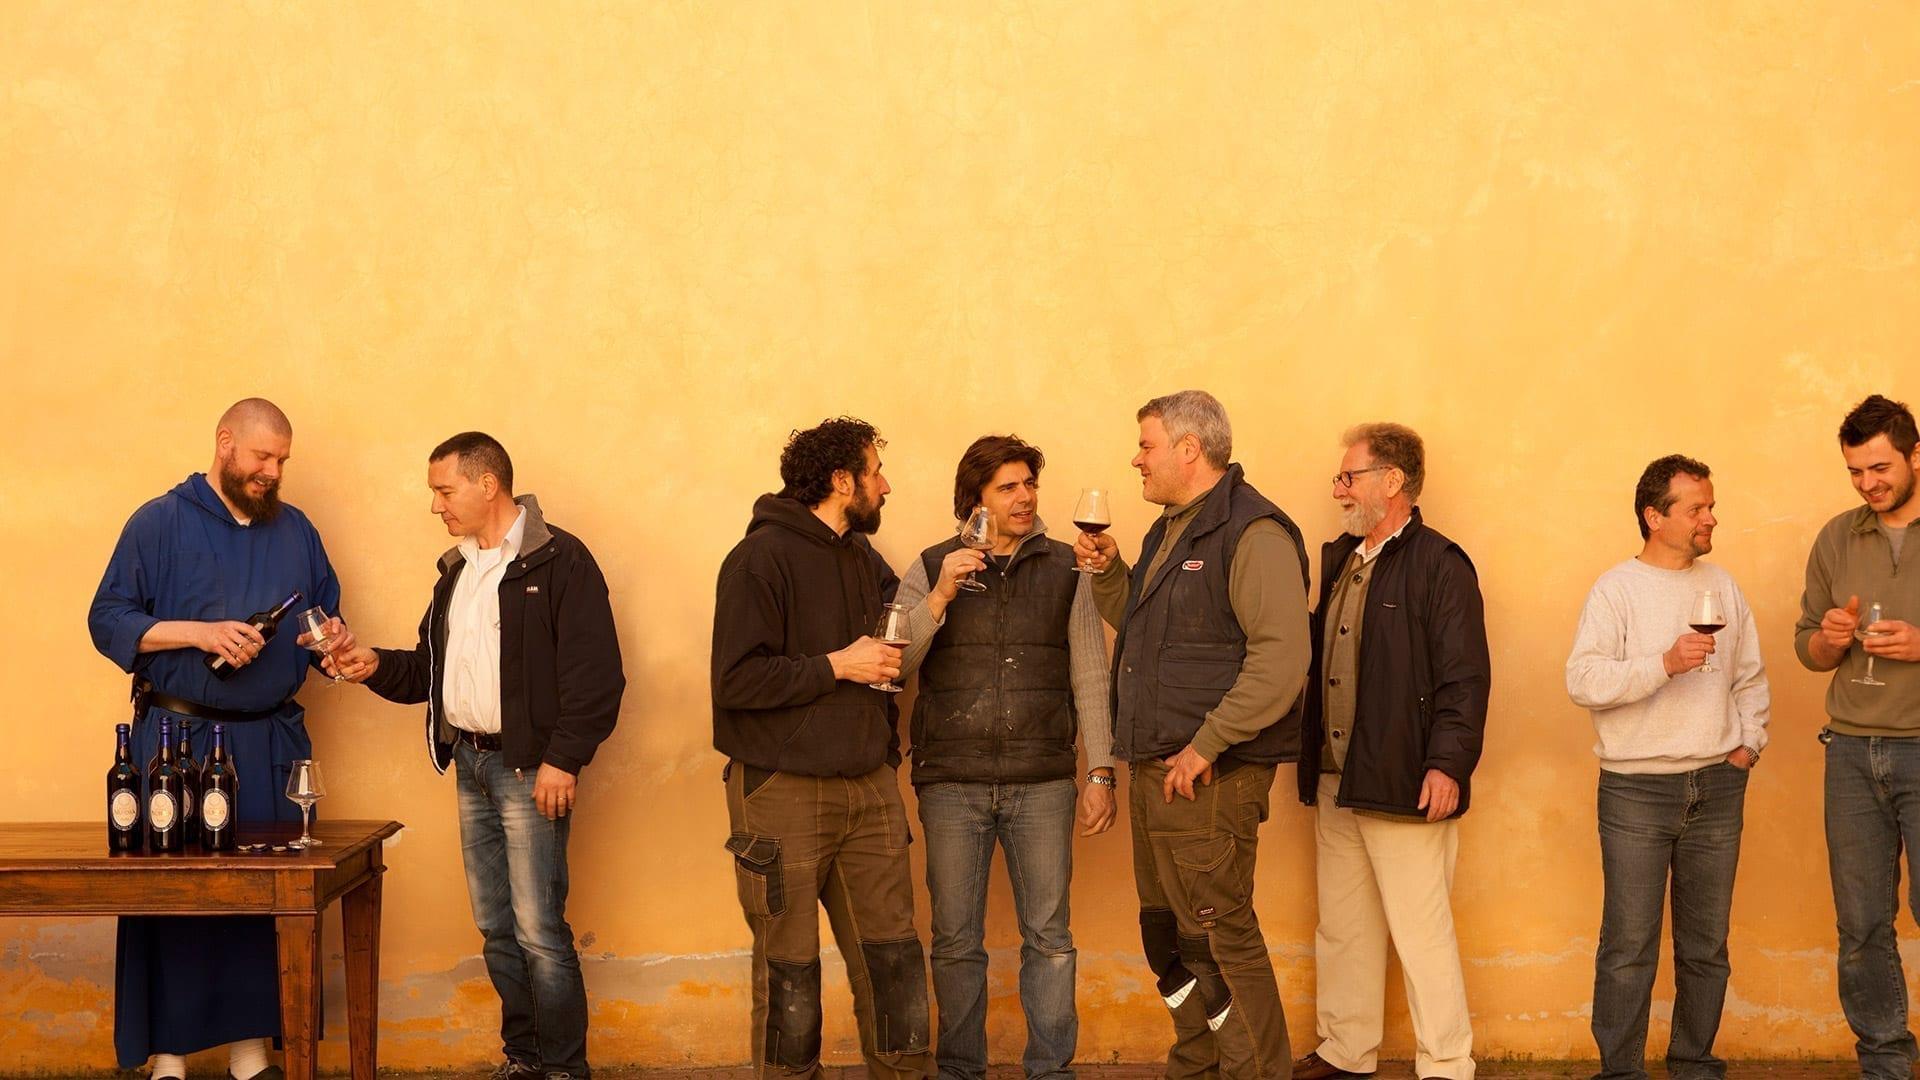 Men enjoying some Birra Nursia